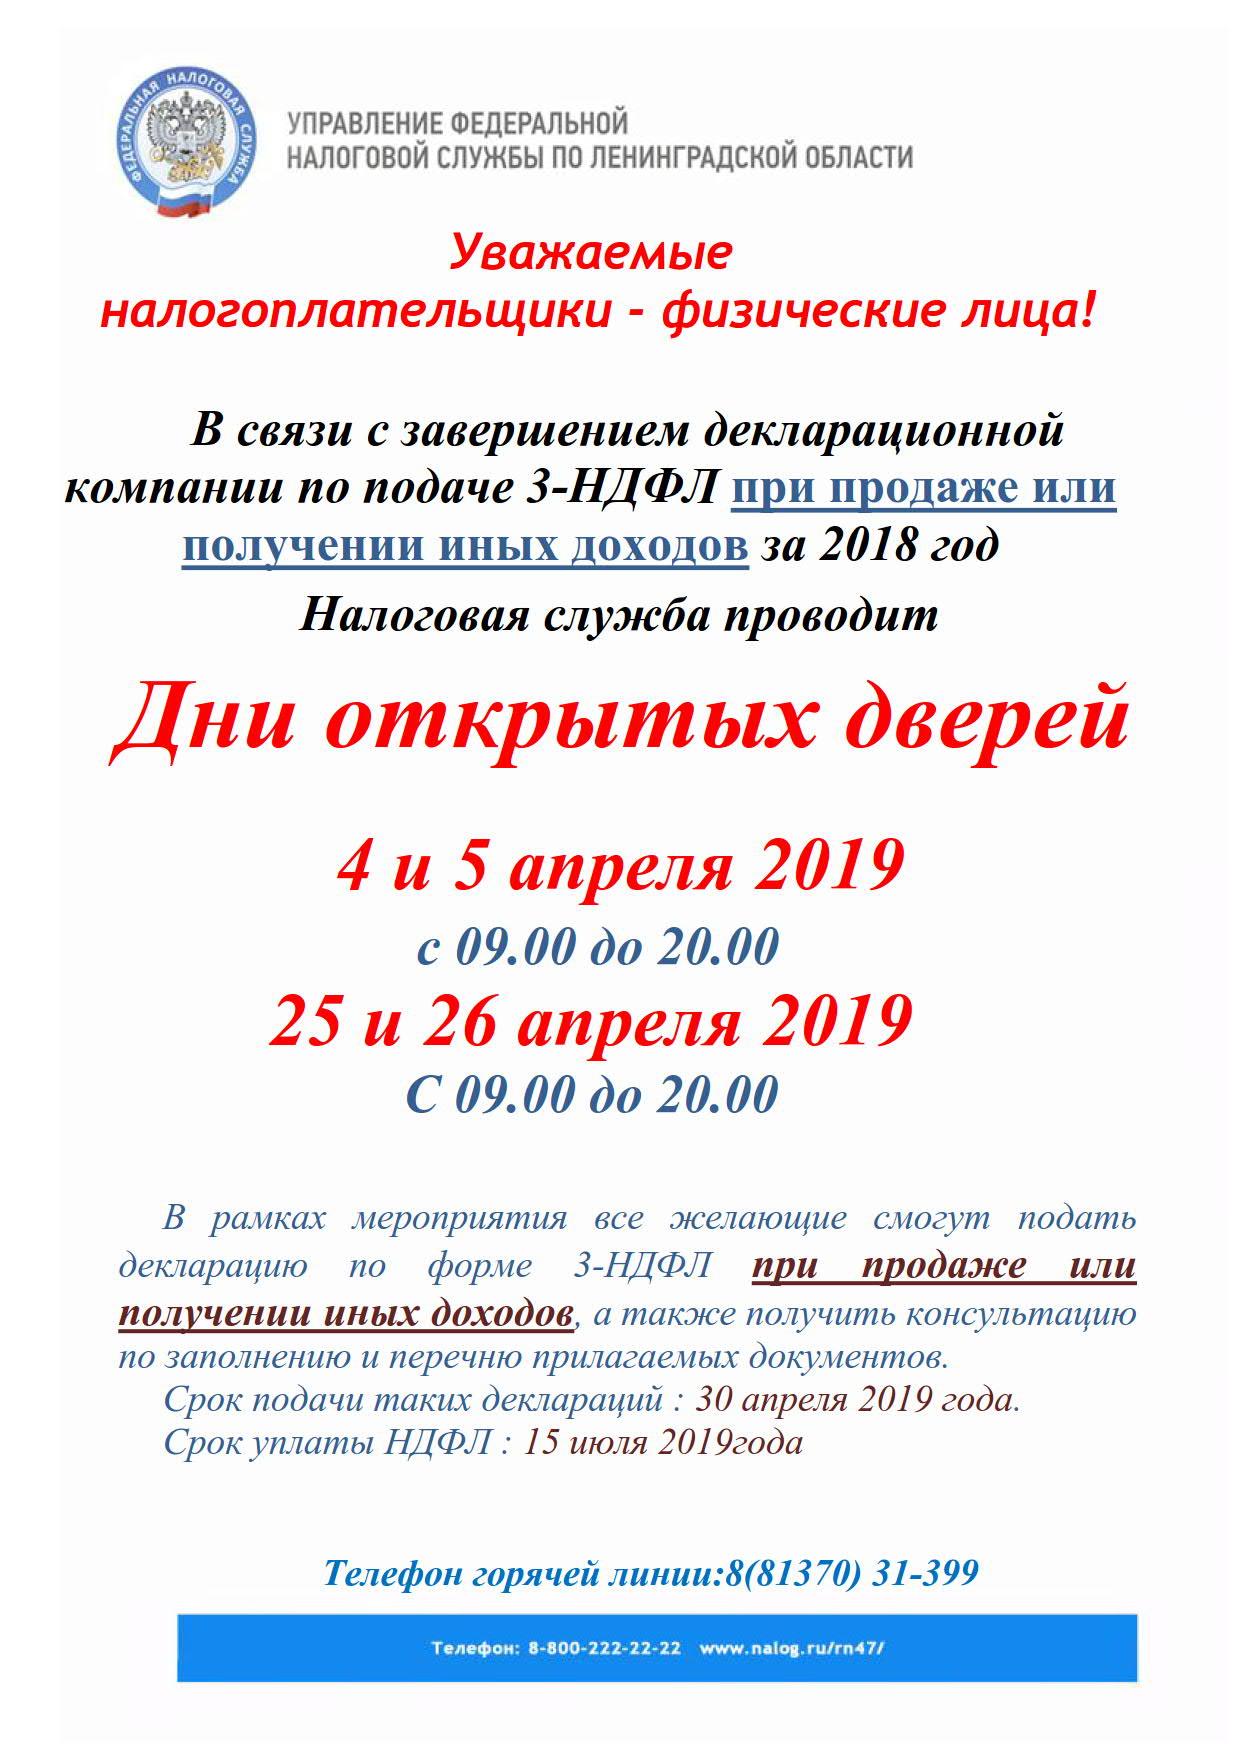 день открытых дверей 2019_1